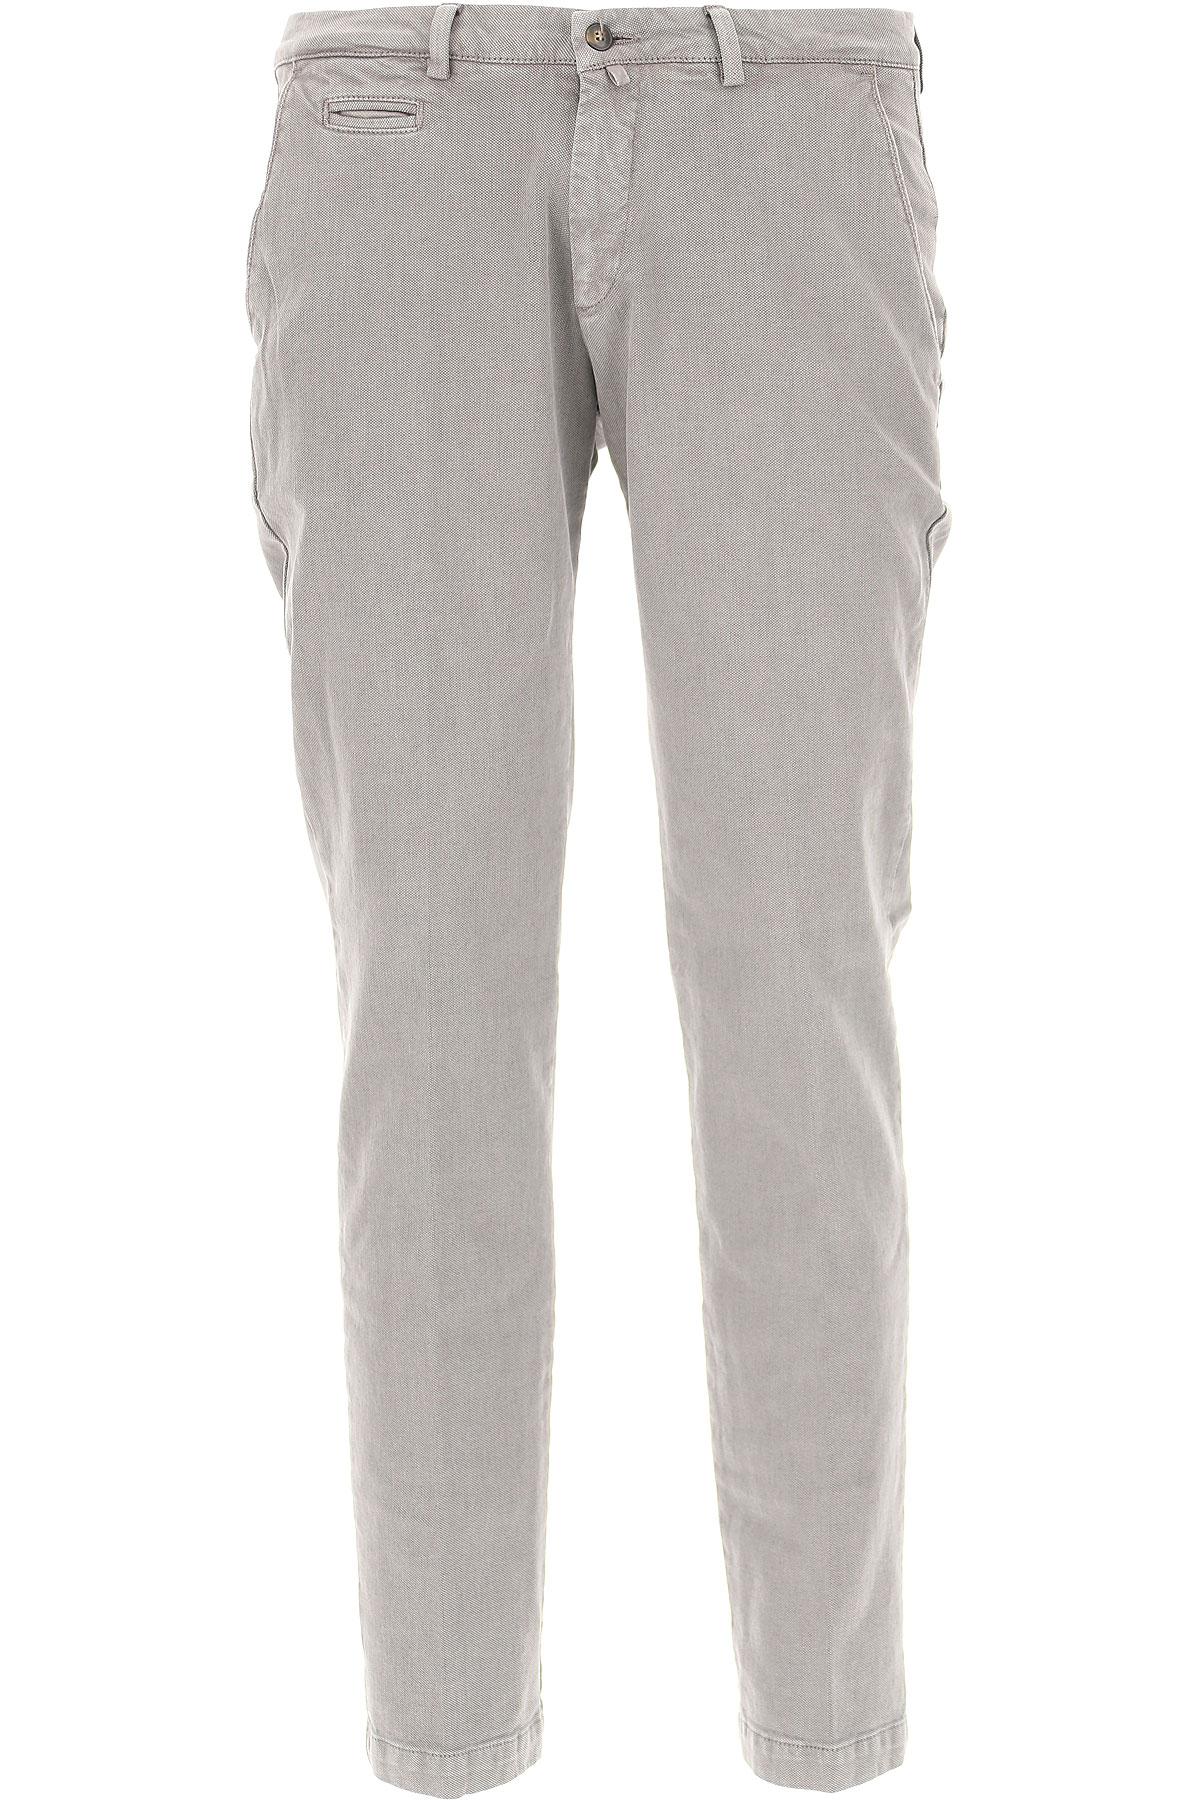 Image of Briglia Pants for Men, Light Grey, Cotton, 2017, US 34 - EU 48 US 36 - EU 50 US 38 - EU 52